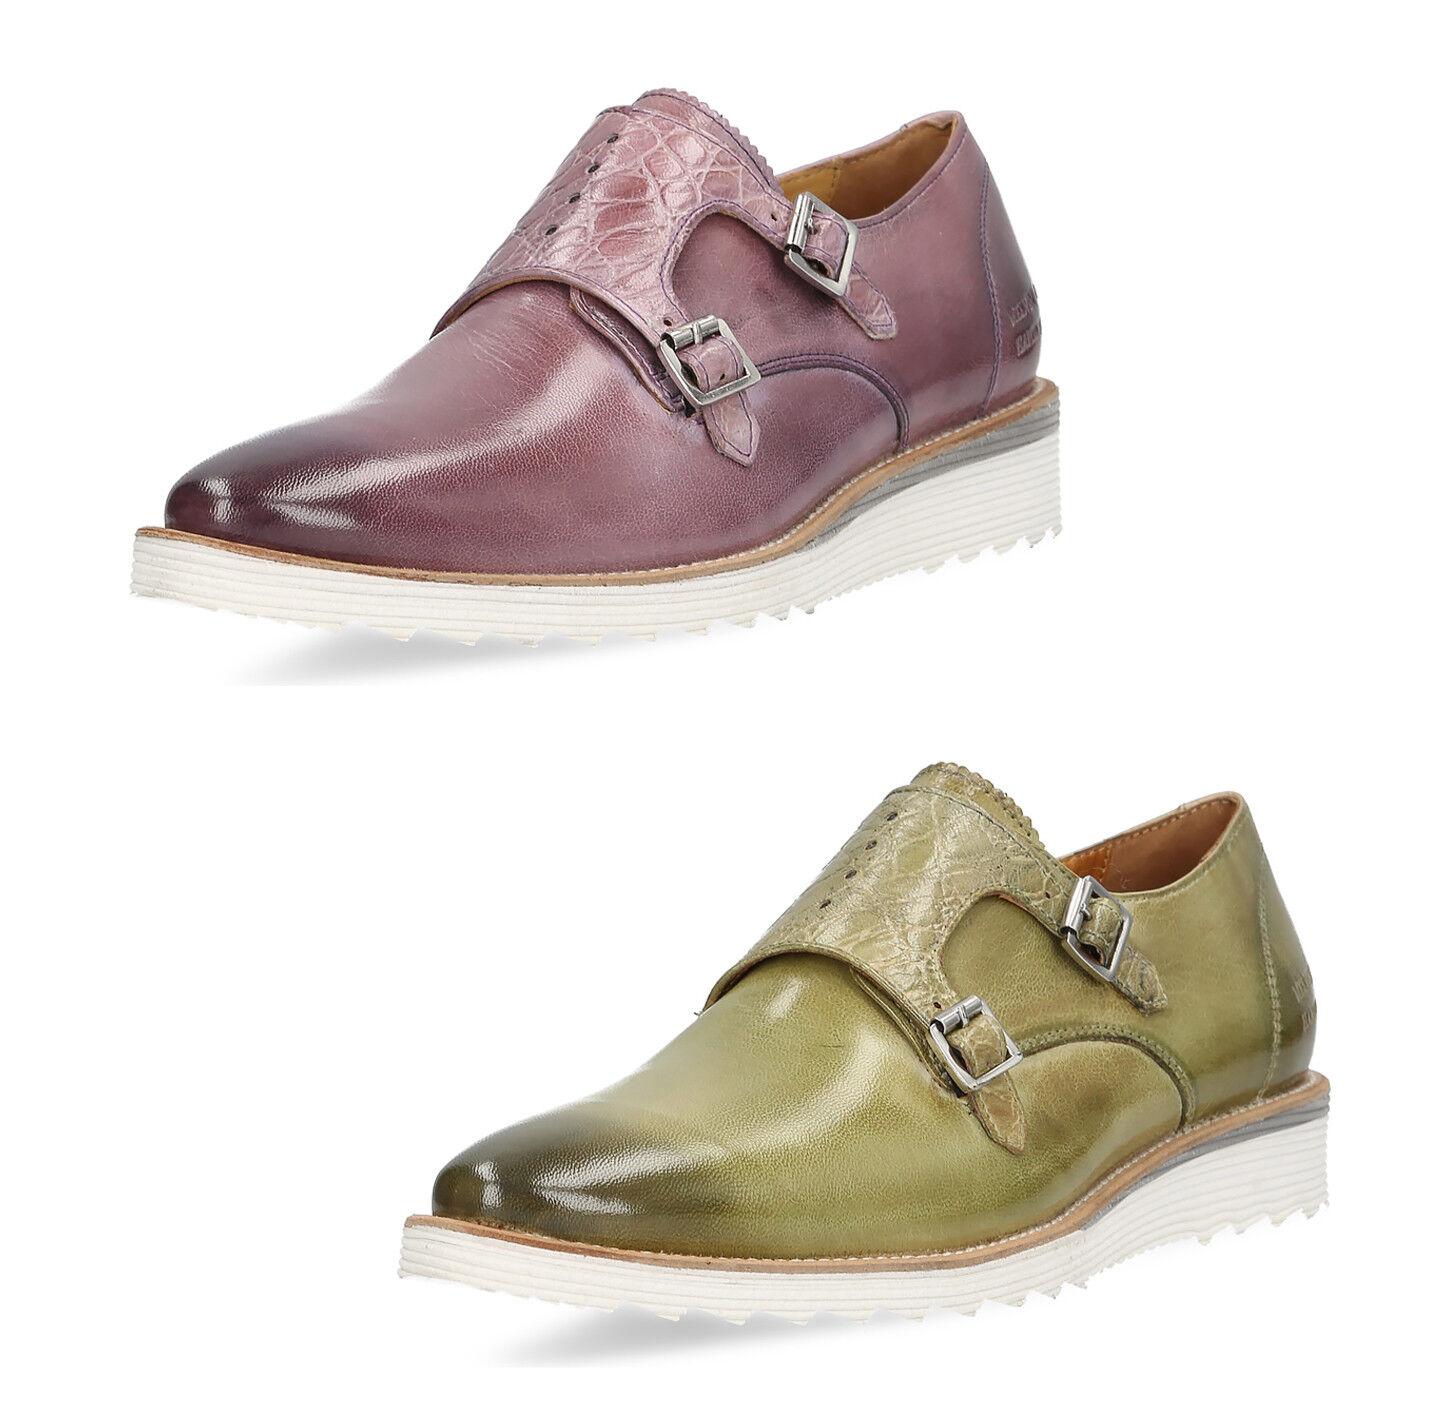 Melvin & hamilton hamilton hamilton señora mocasines zapatos mocasines cuero semi loafer cómomujerte  100% a estrenar con calidad original.